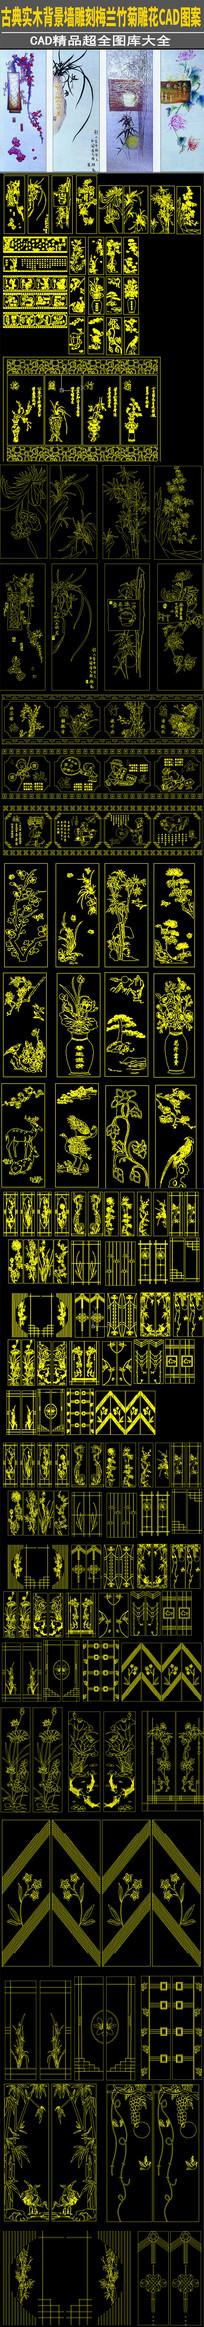 古典实木背景墙雕刻梅兰竹菊雕花CAD图案